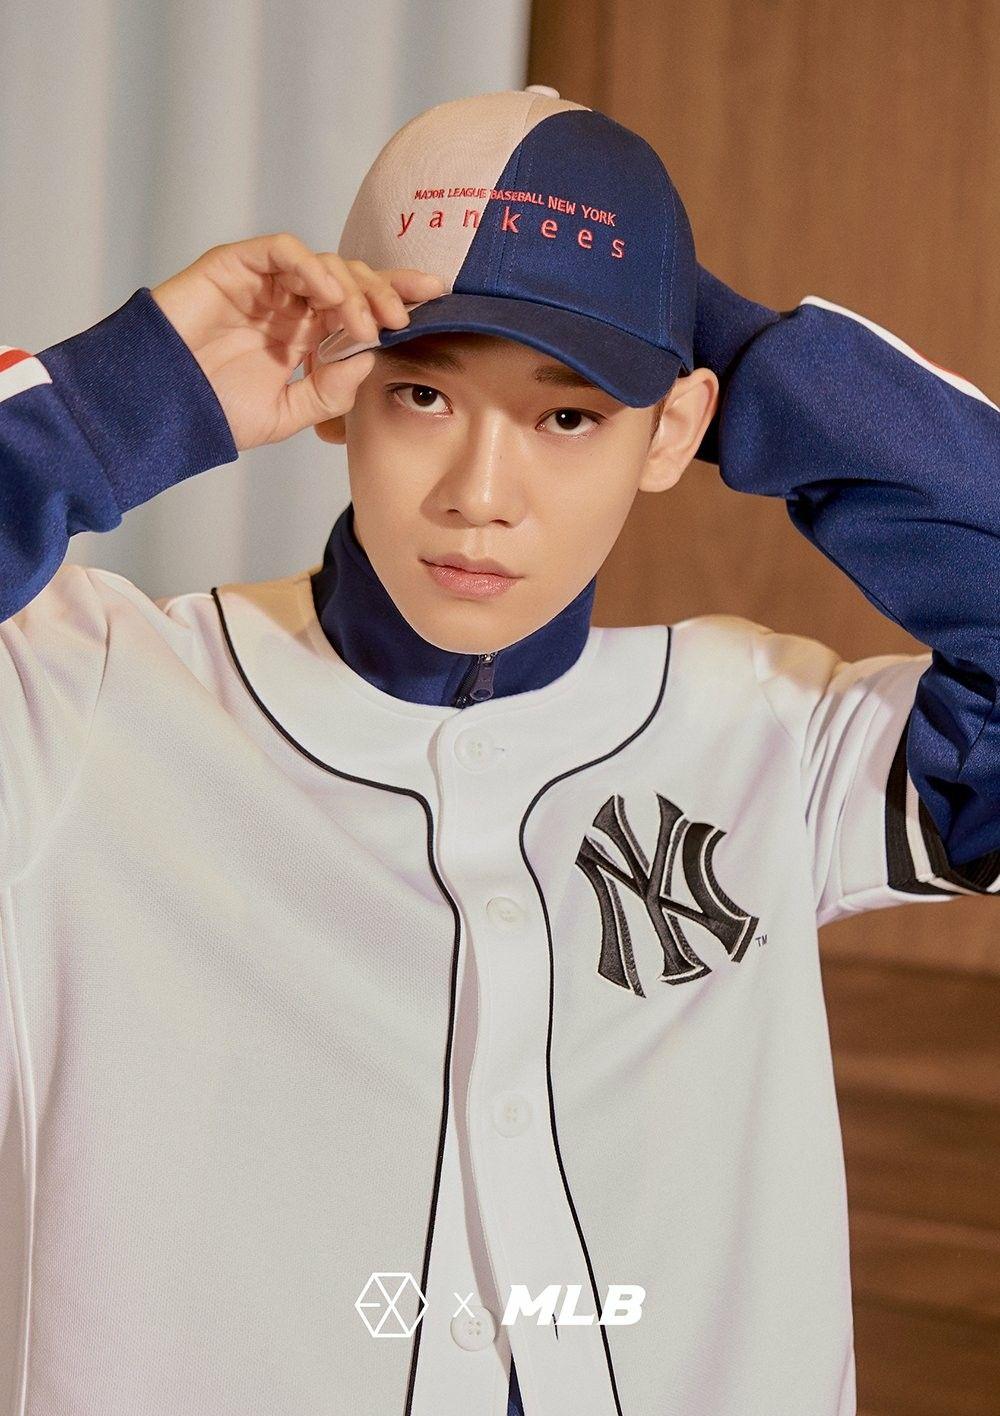 180313 Exo Chen Mlb Official Website Mlb X Exo Exo Kim Chen